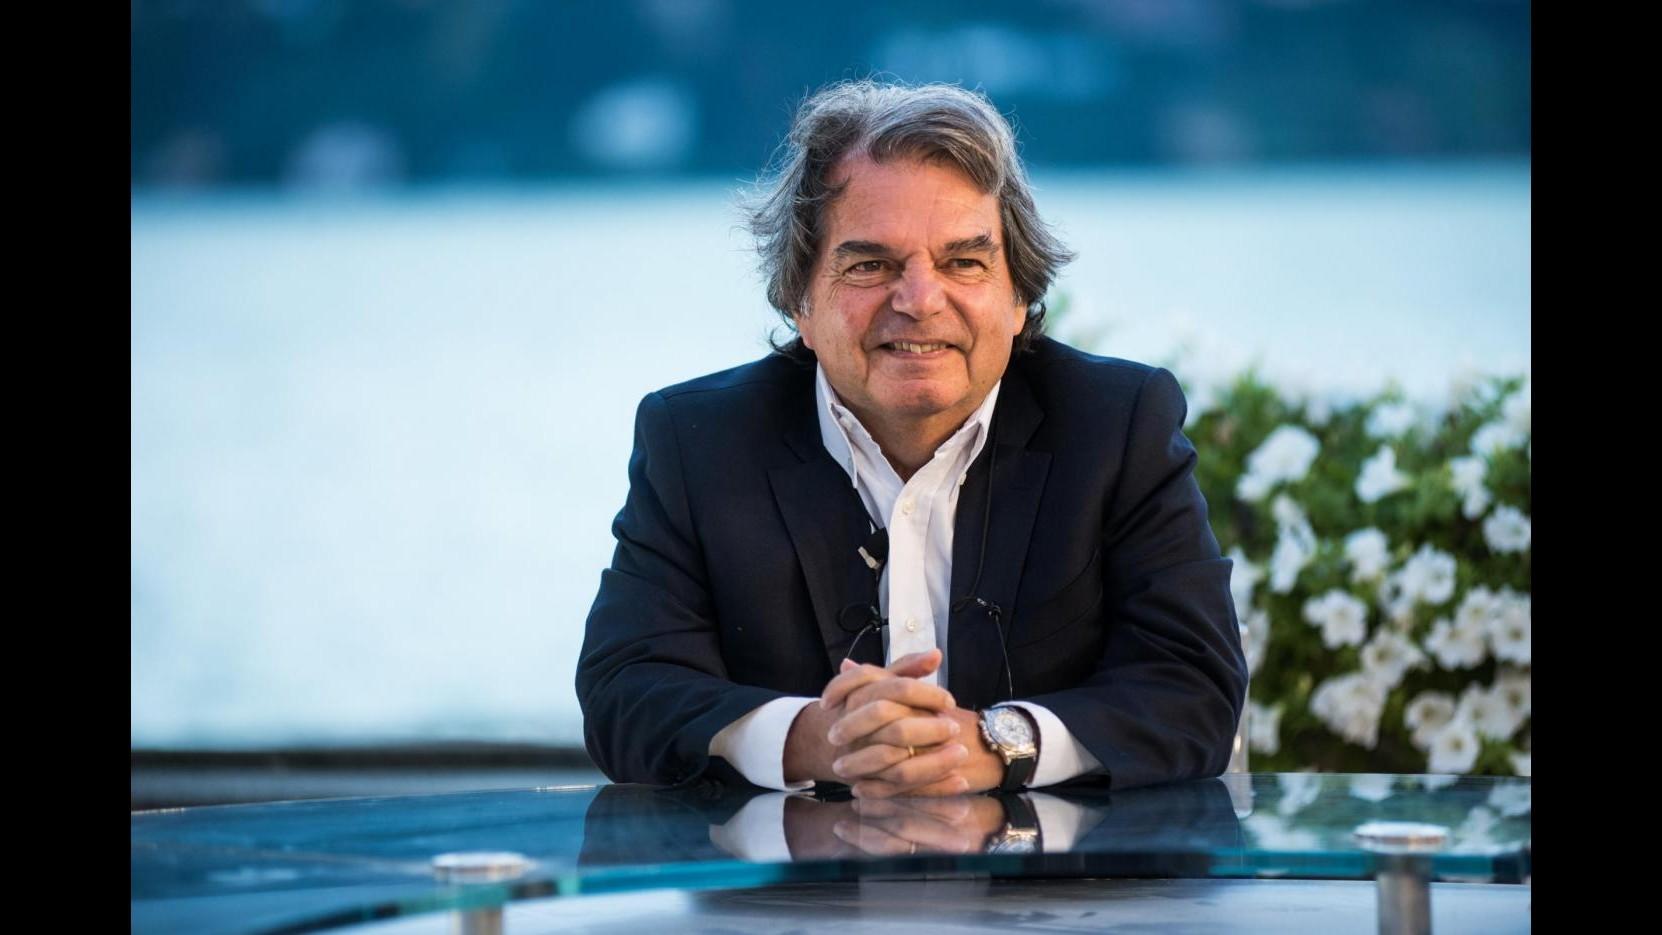 Campania, Brunetta: Forse De Luca non era scelta giusta ma io garantista